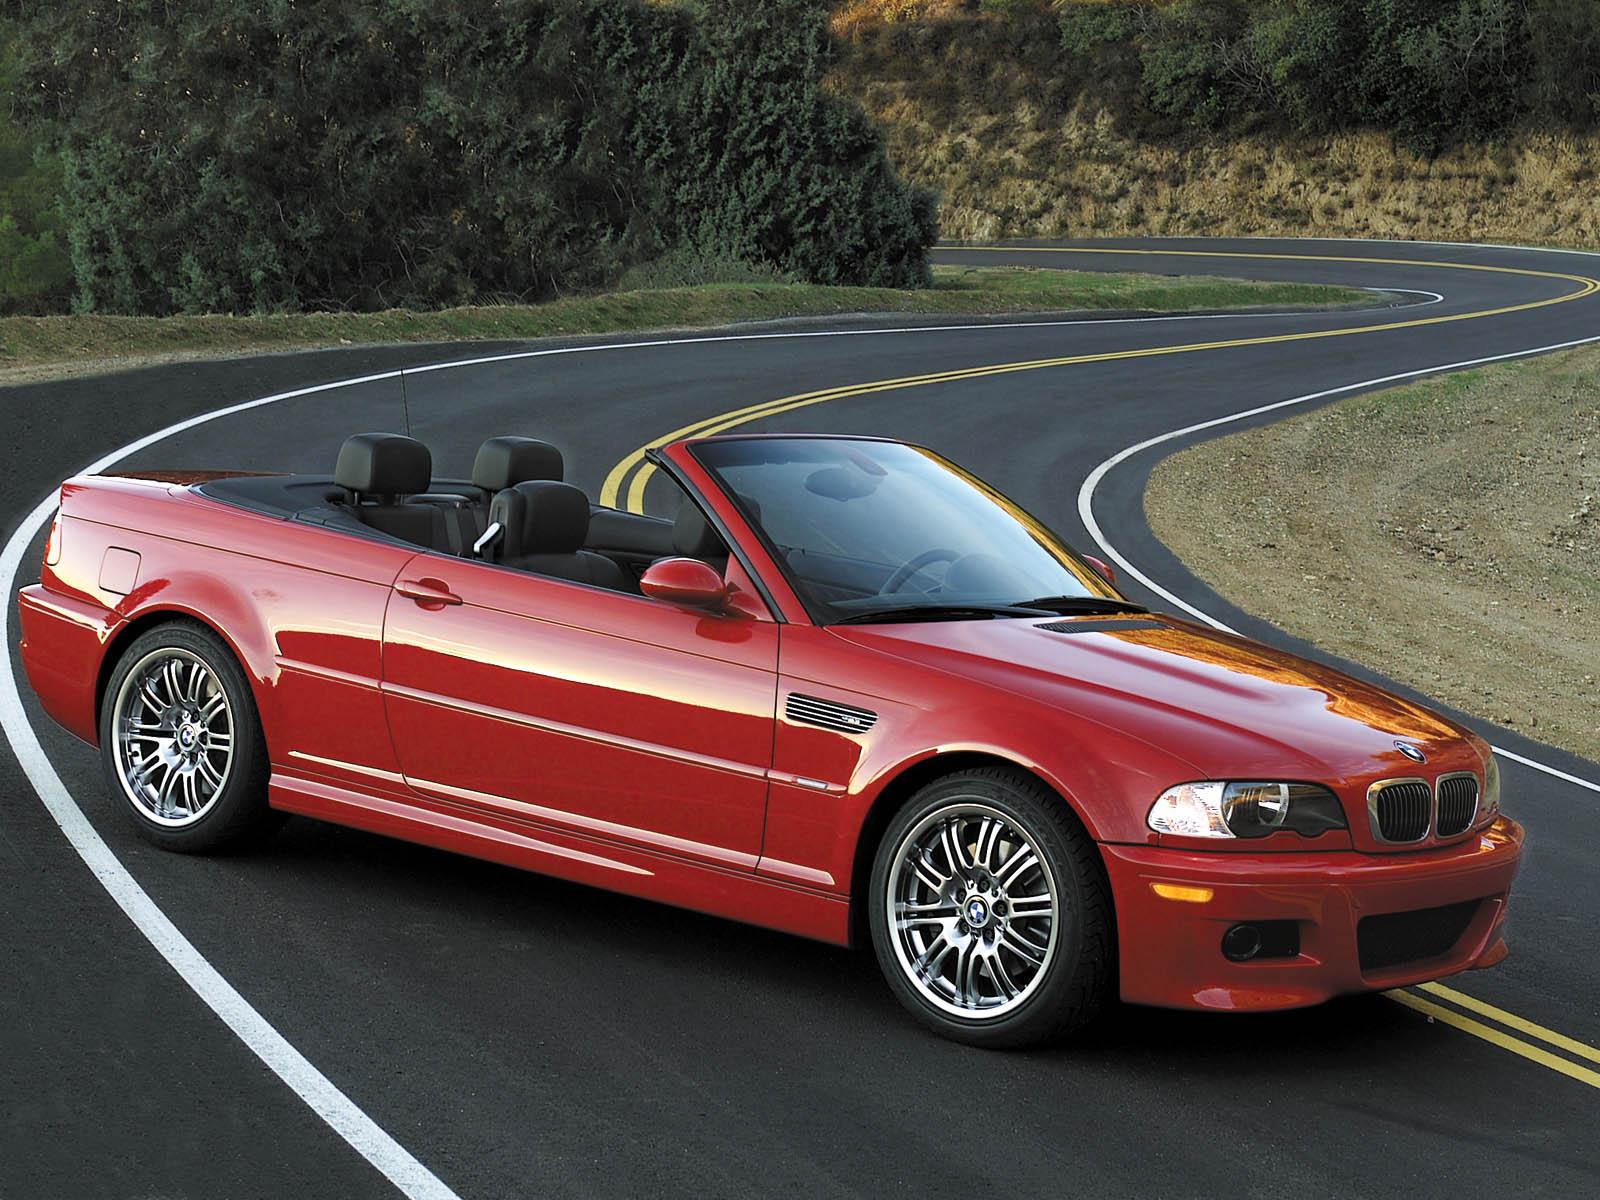 BMW-M3-E46-Cabriolet_20170801-1841.jpg